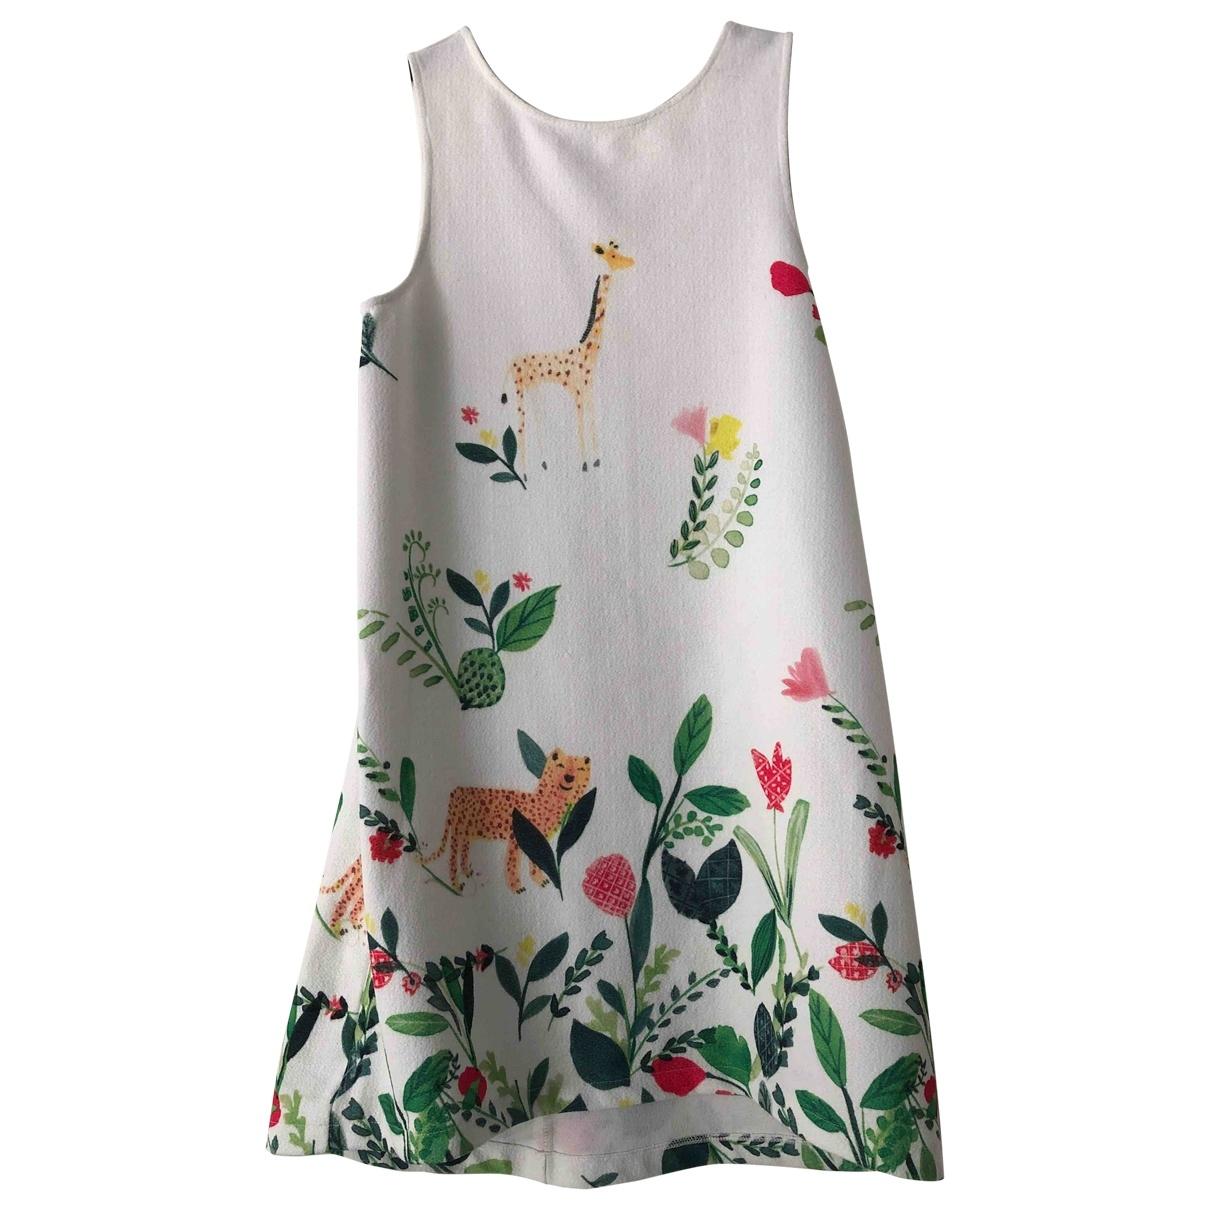 Zara \N Beige dress for Kids 14 years - S FR